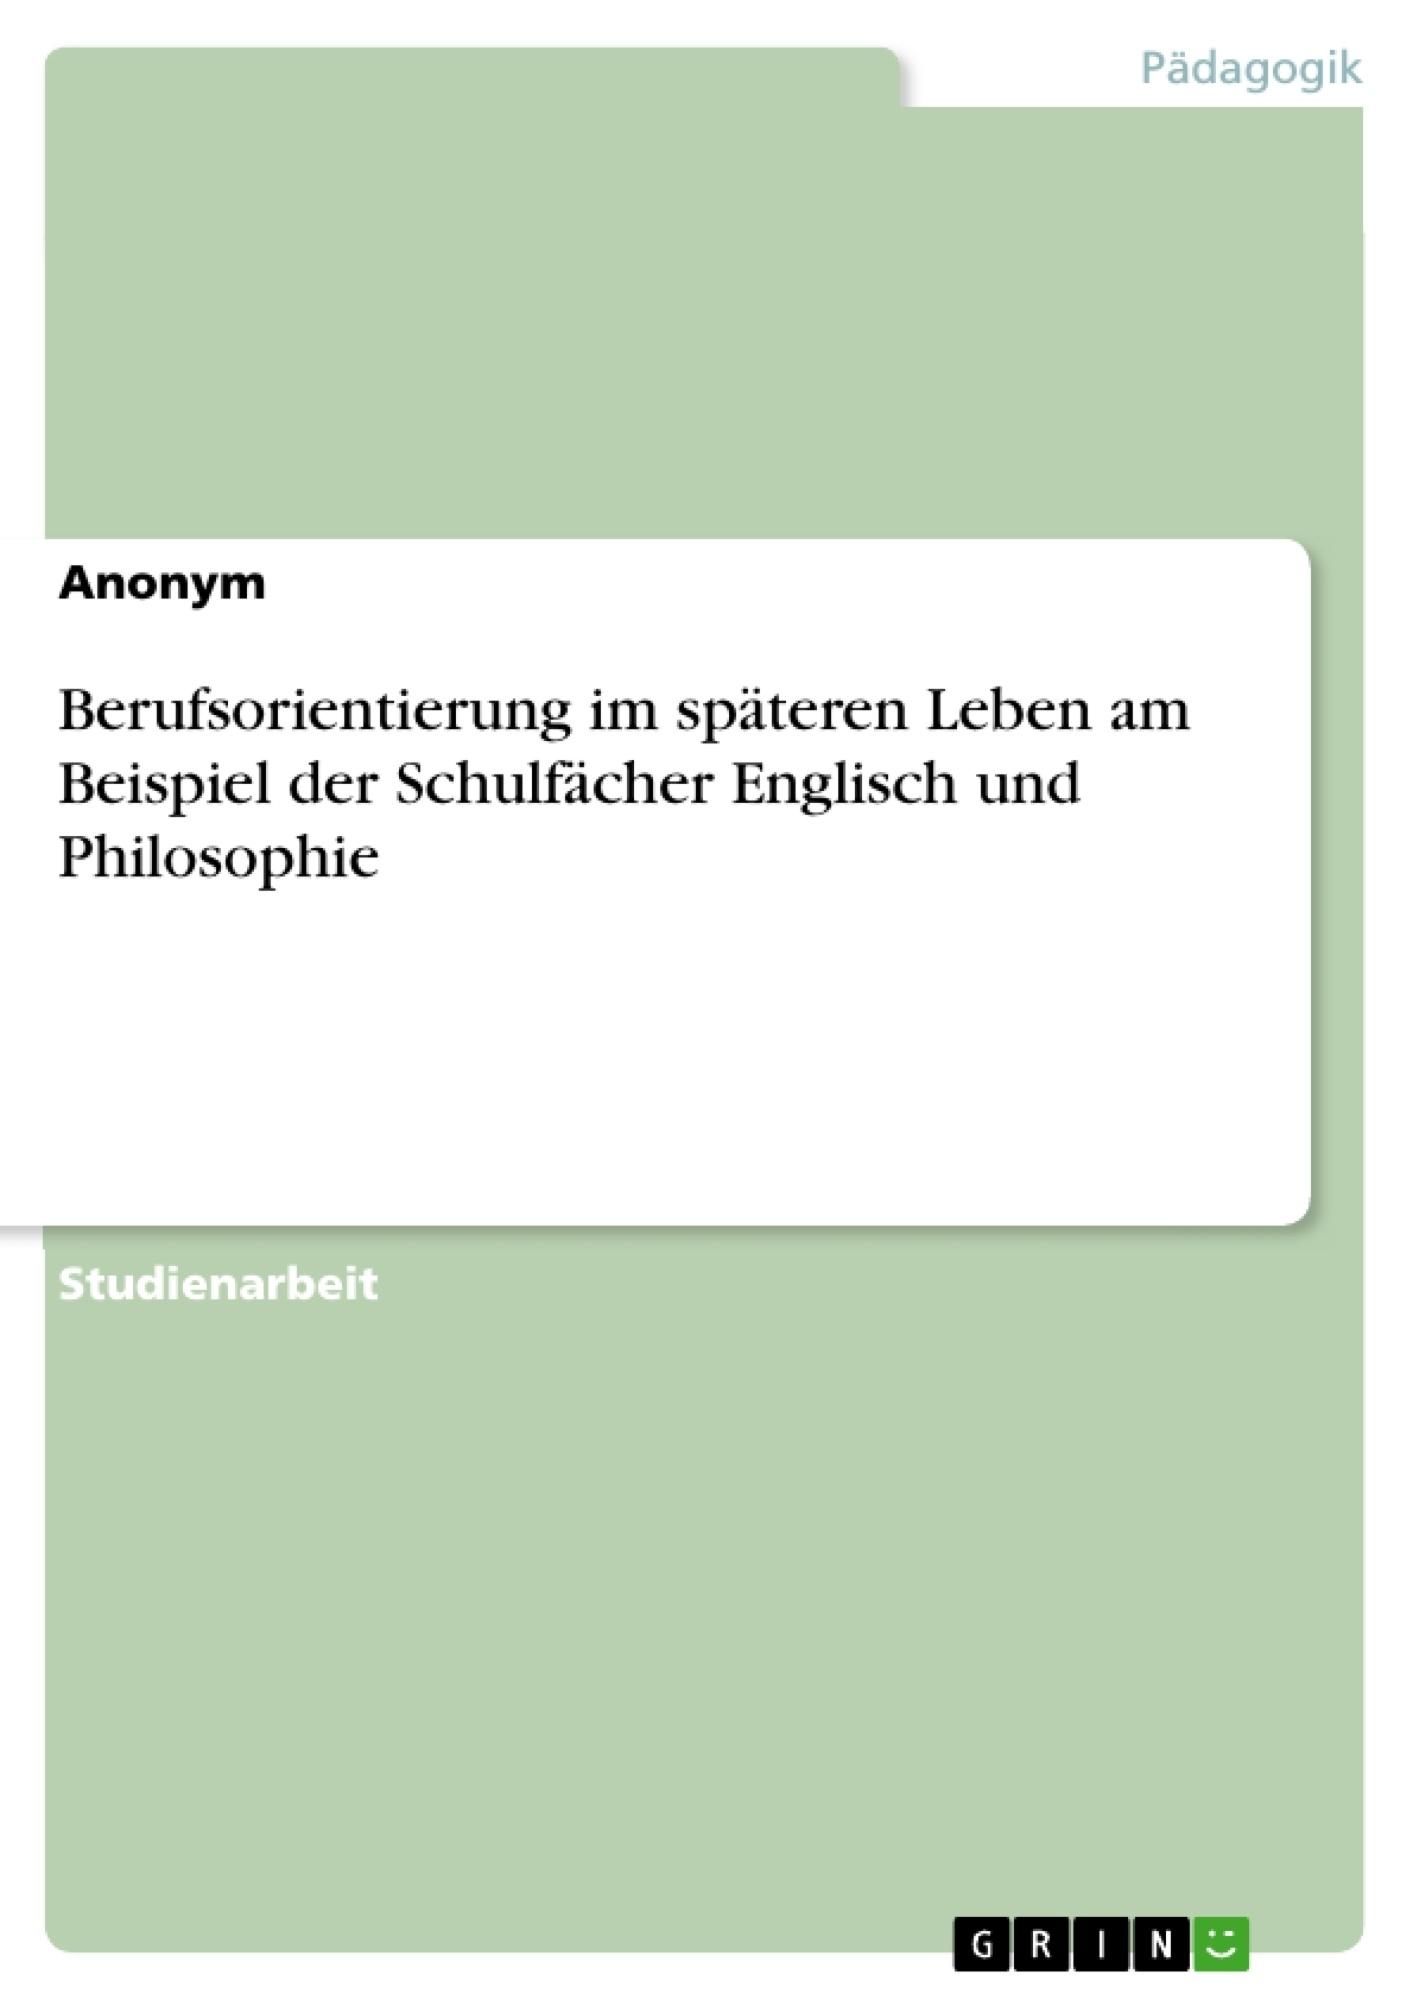 Titel: Berufsorientierung im späteren Leben am Beispiel der Schulfächer Englisch und Philosophie